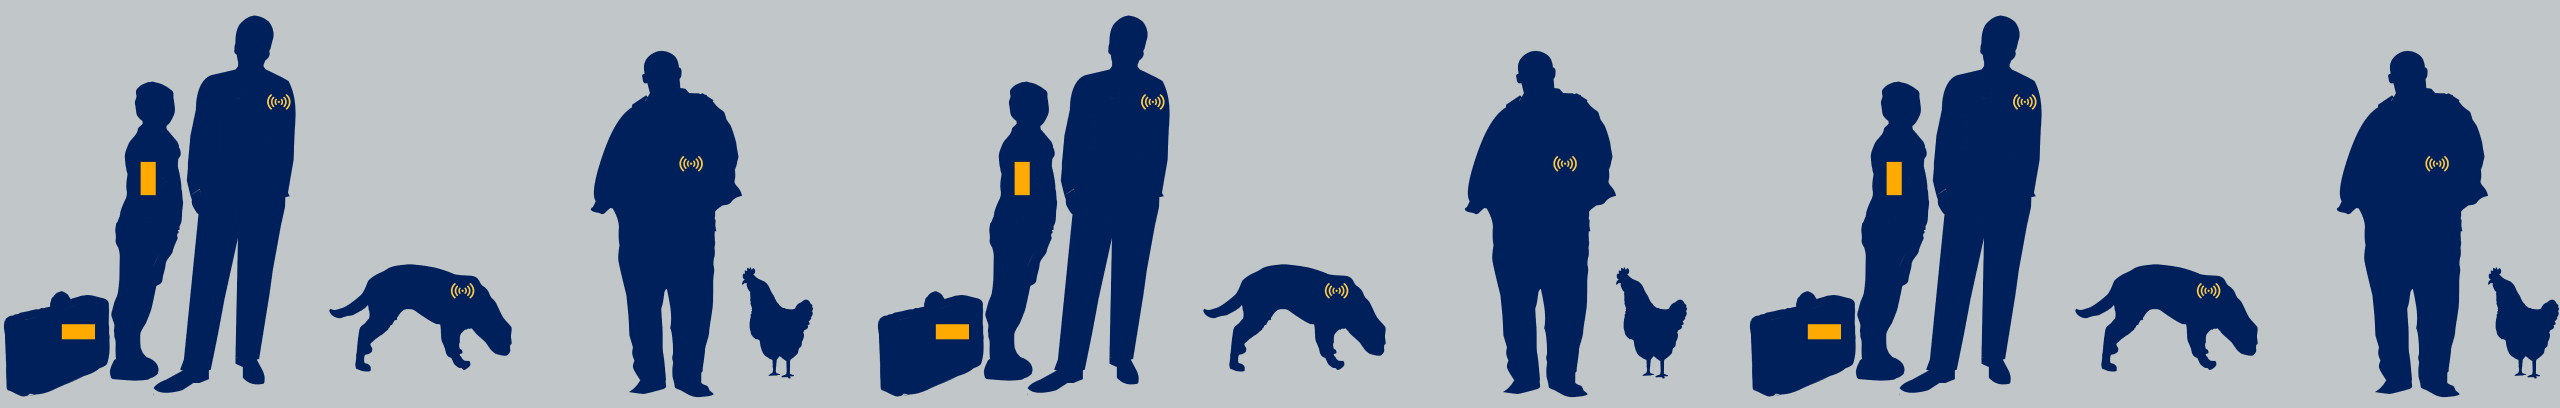 Personen, Tiere & Objekte erfolgreich identifizieren